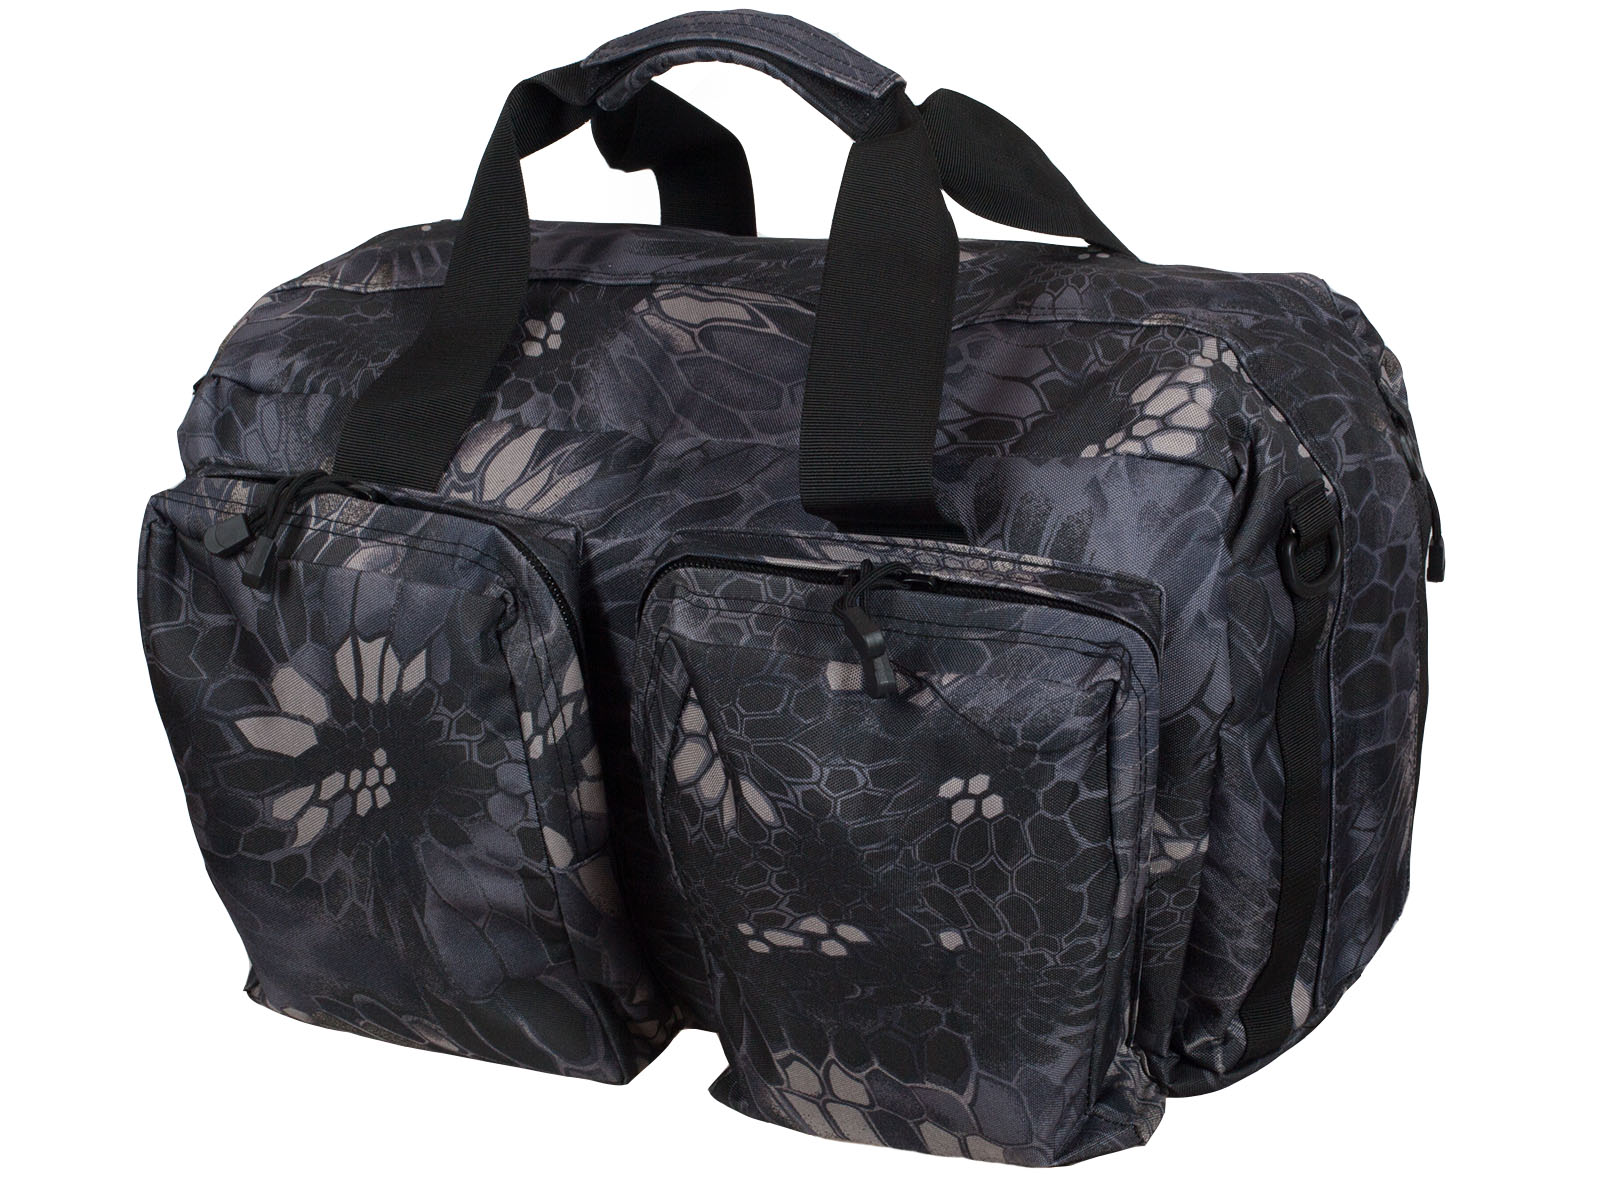 Тактическая сумка с характером рюкзака и нашивкой Спецназ ГРУ